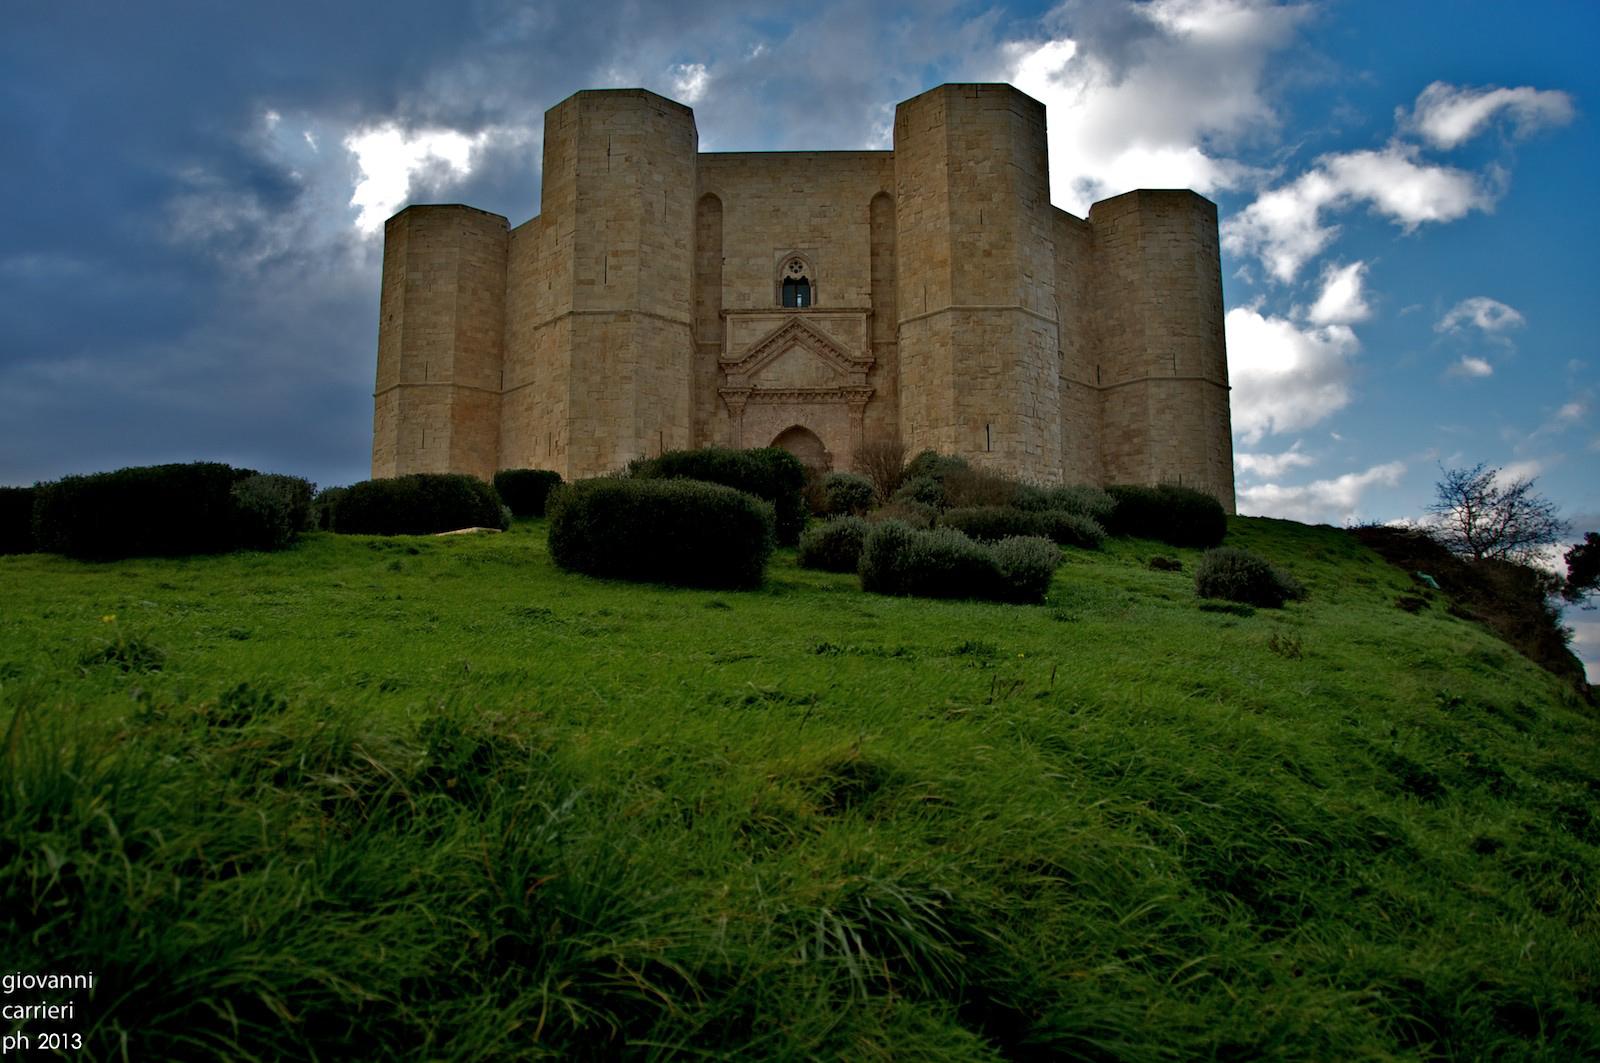 Vista frontale di Castel del Monte